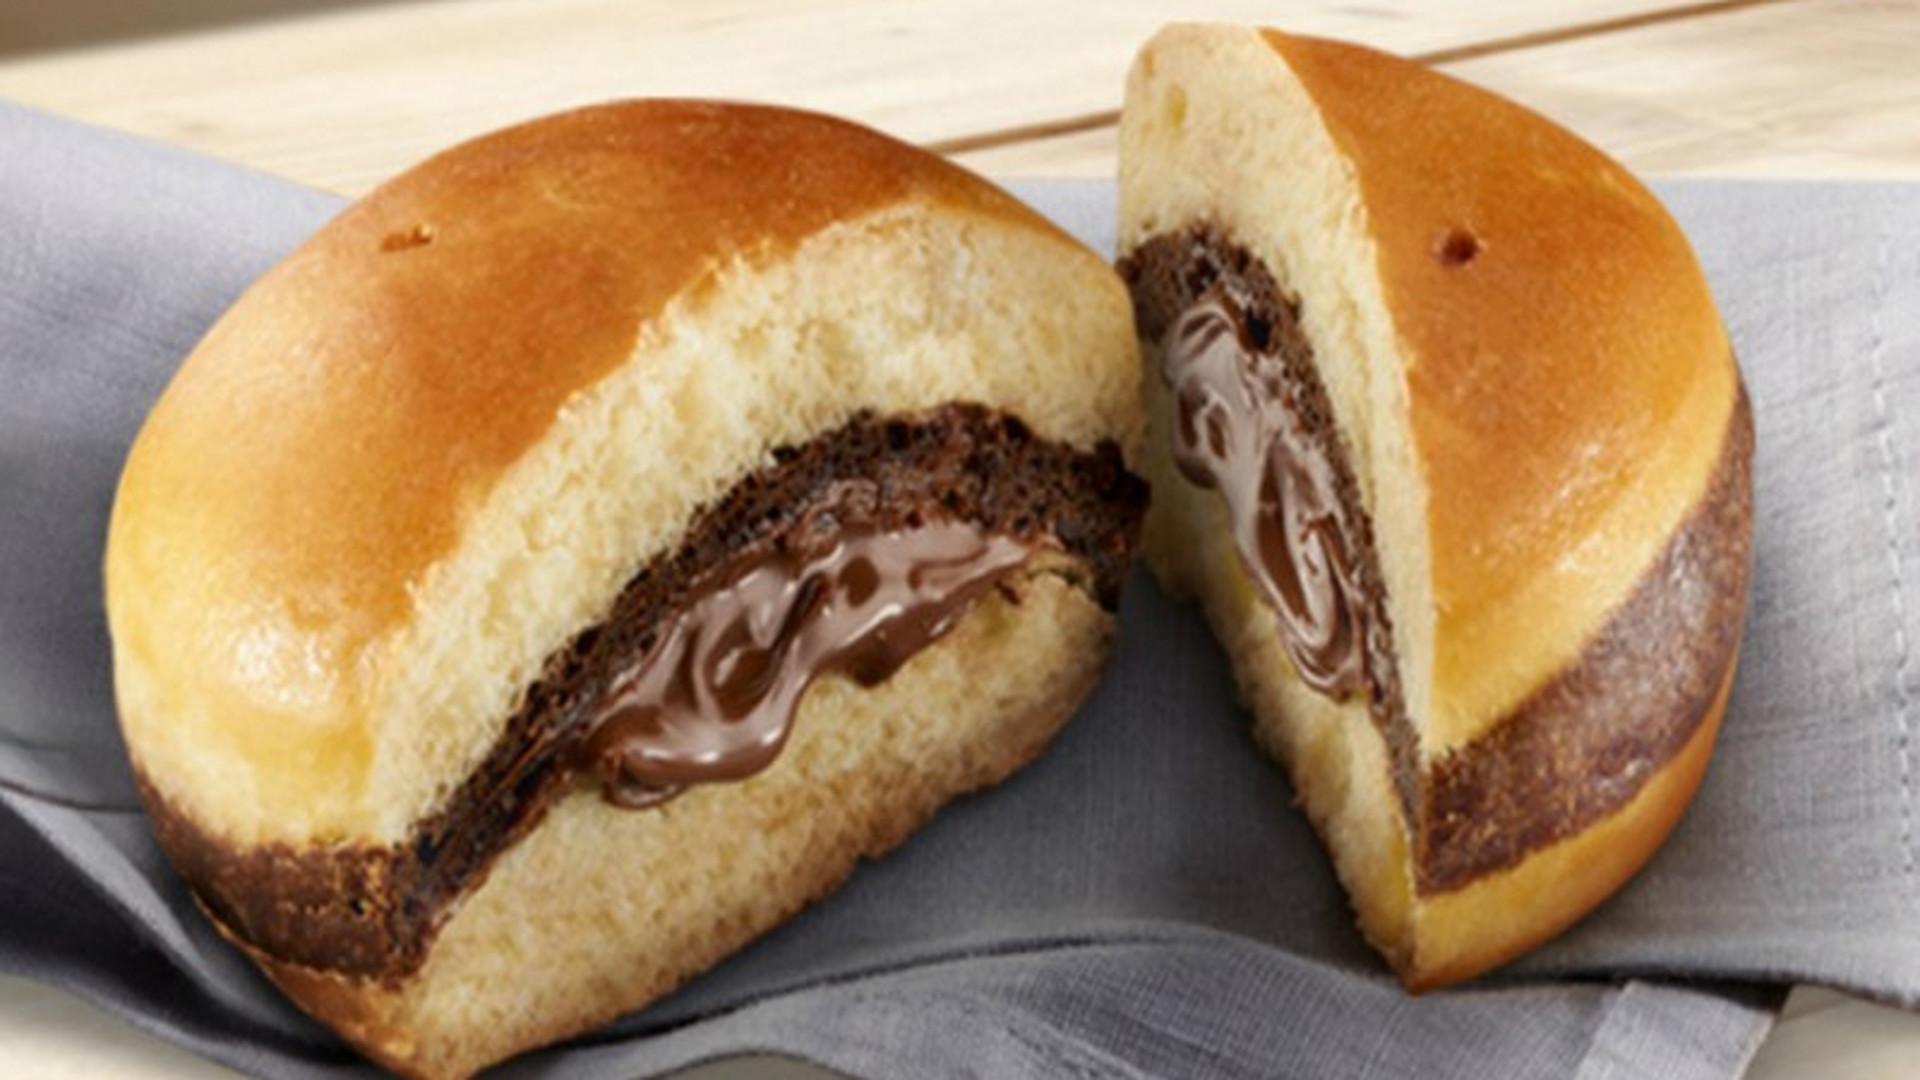 McDonald's Nutella Burger